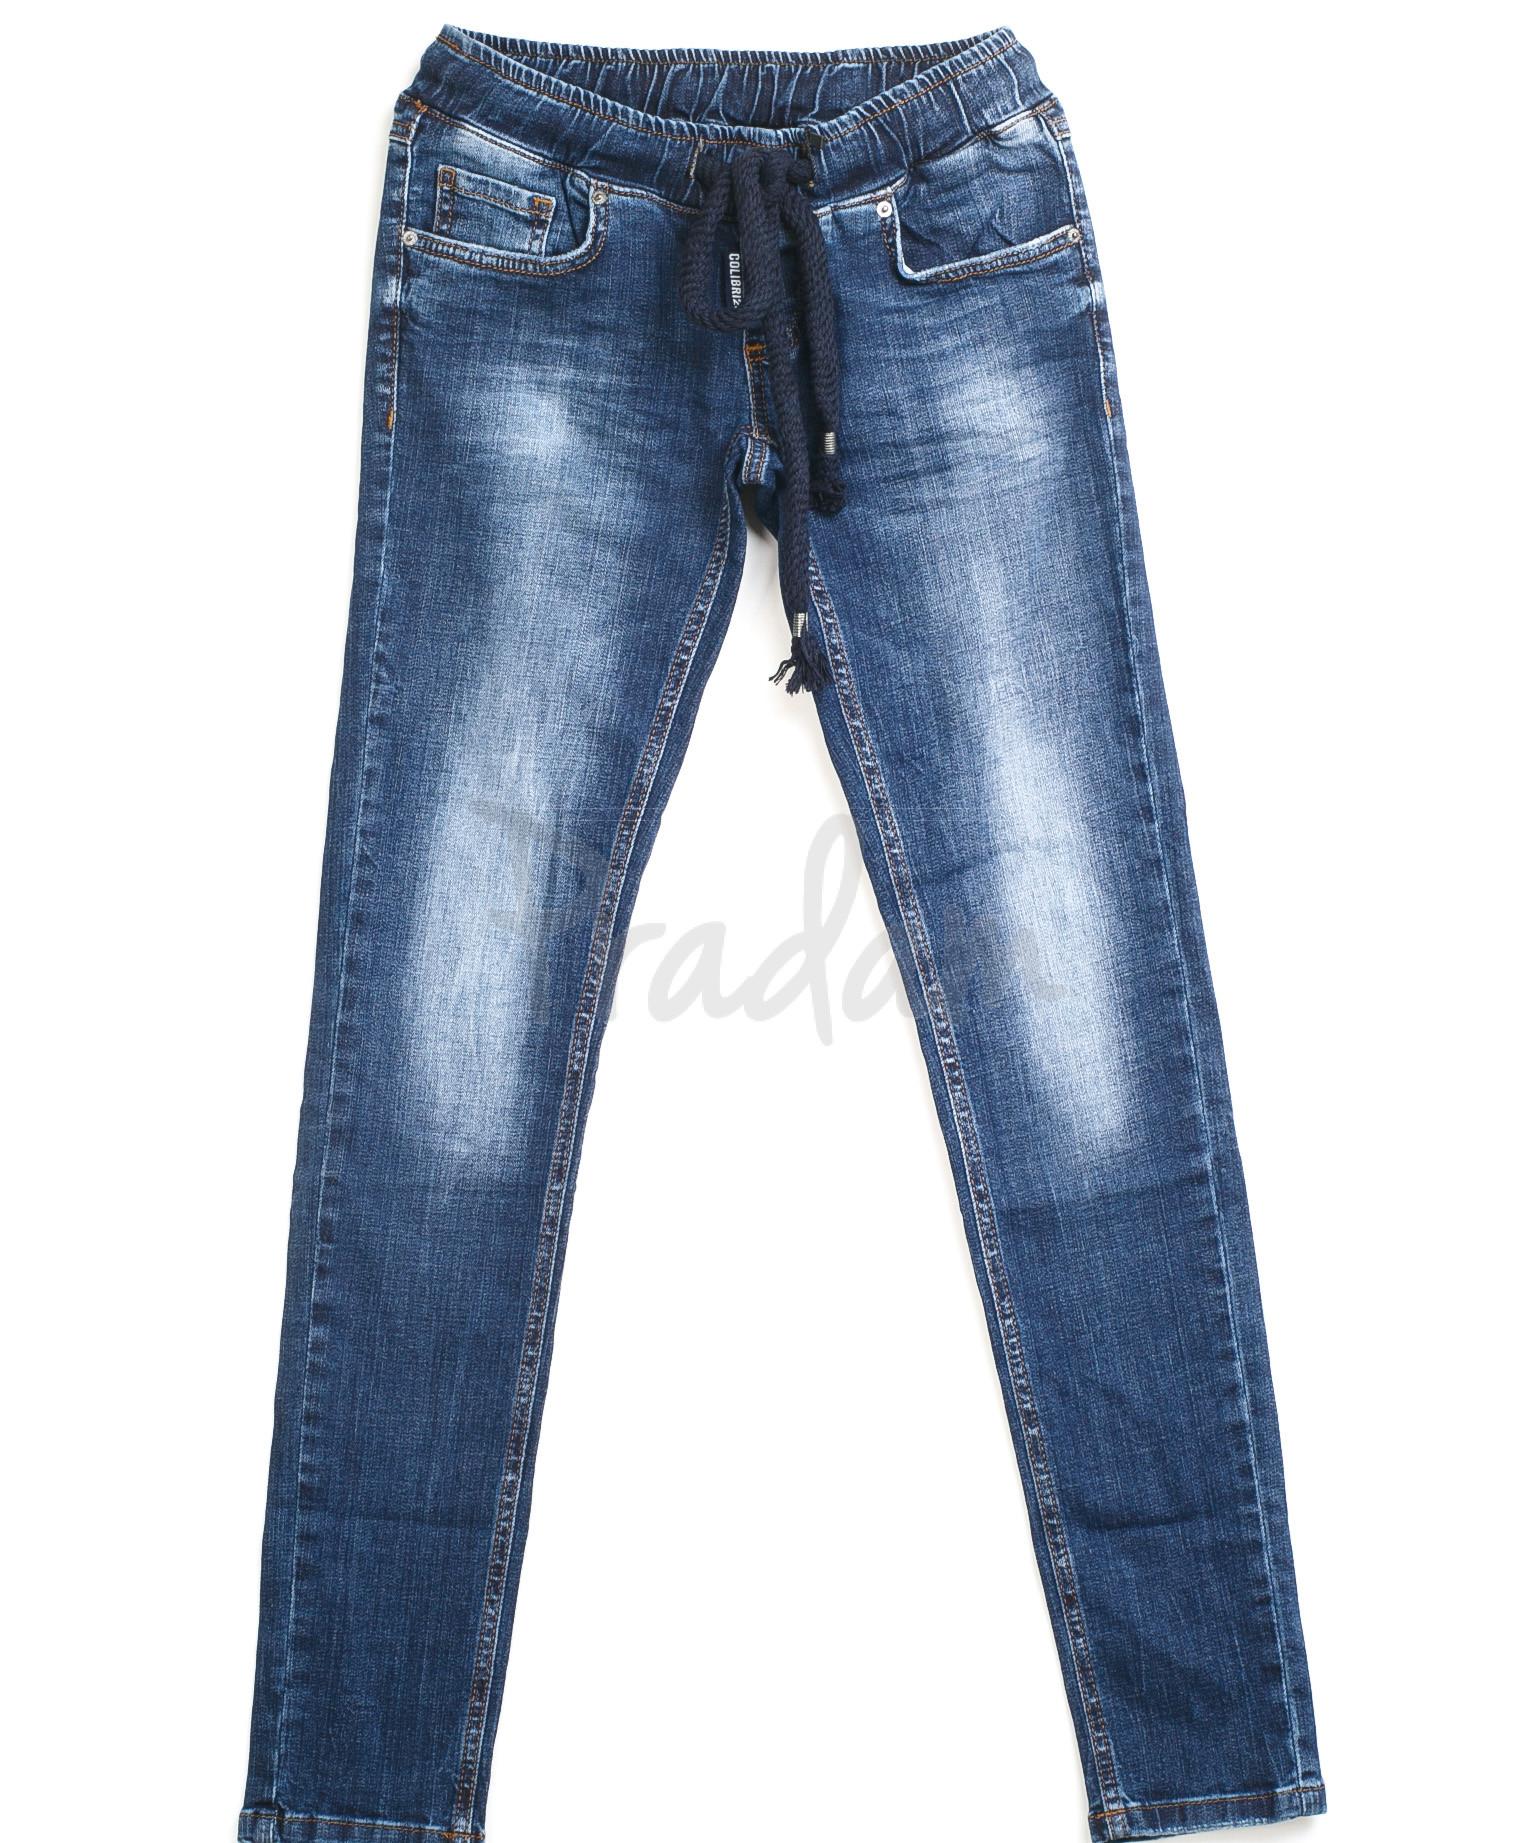 ddf4a30034b Женские джинсы на резинке 9108-518 (25-30